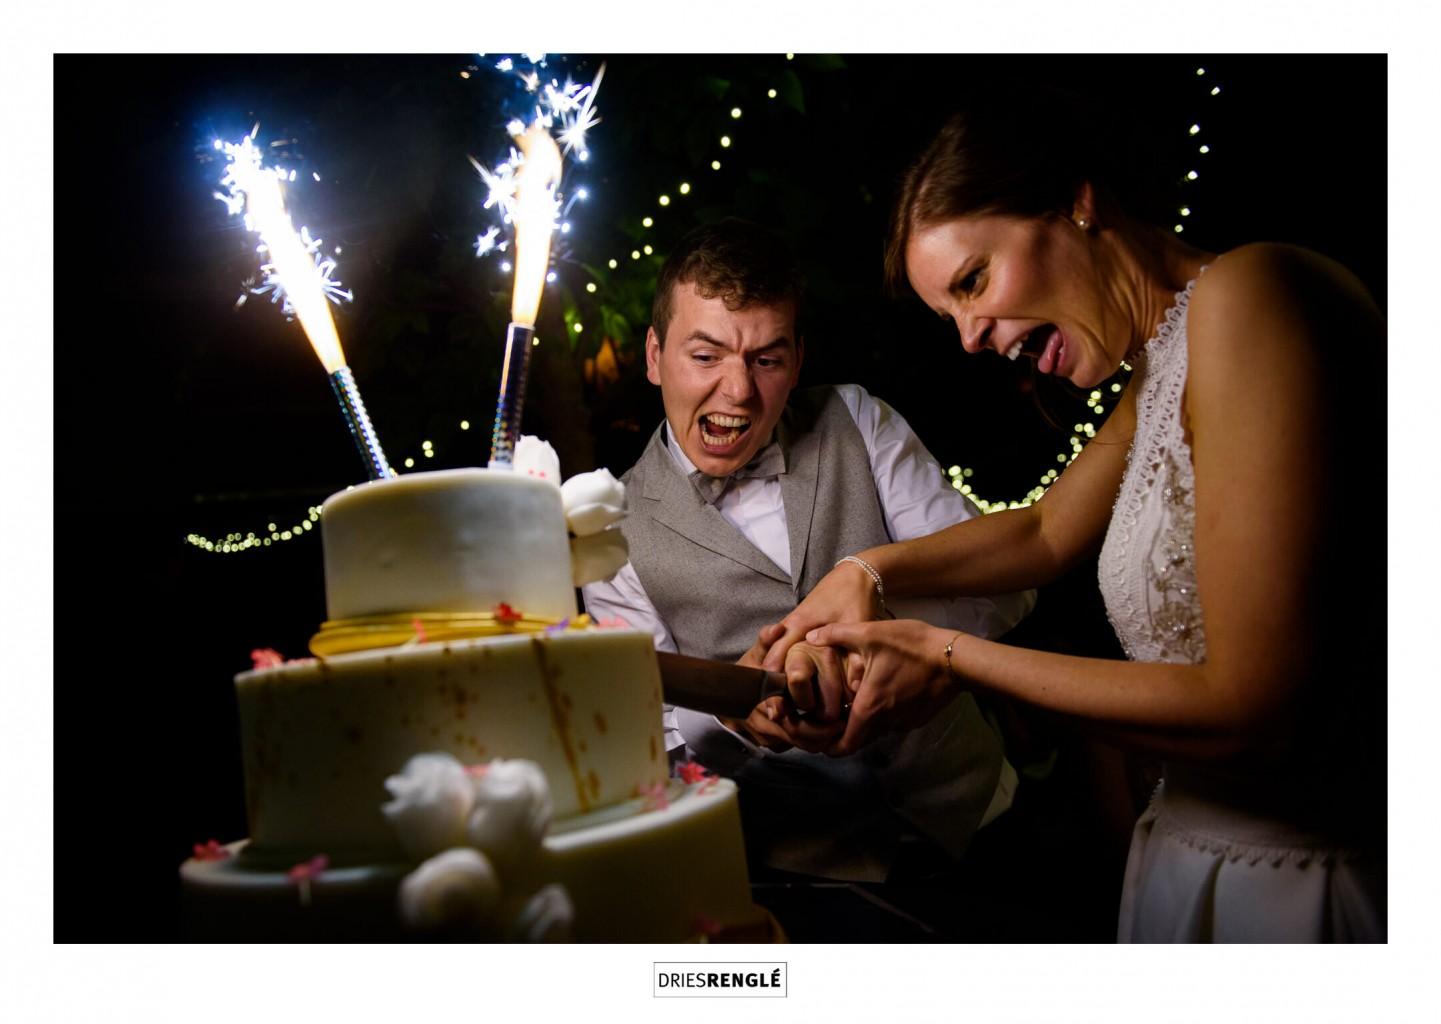 013-jef-cools-feestzaal-huwelijksfotograaf-dries-rengle